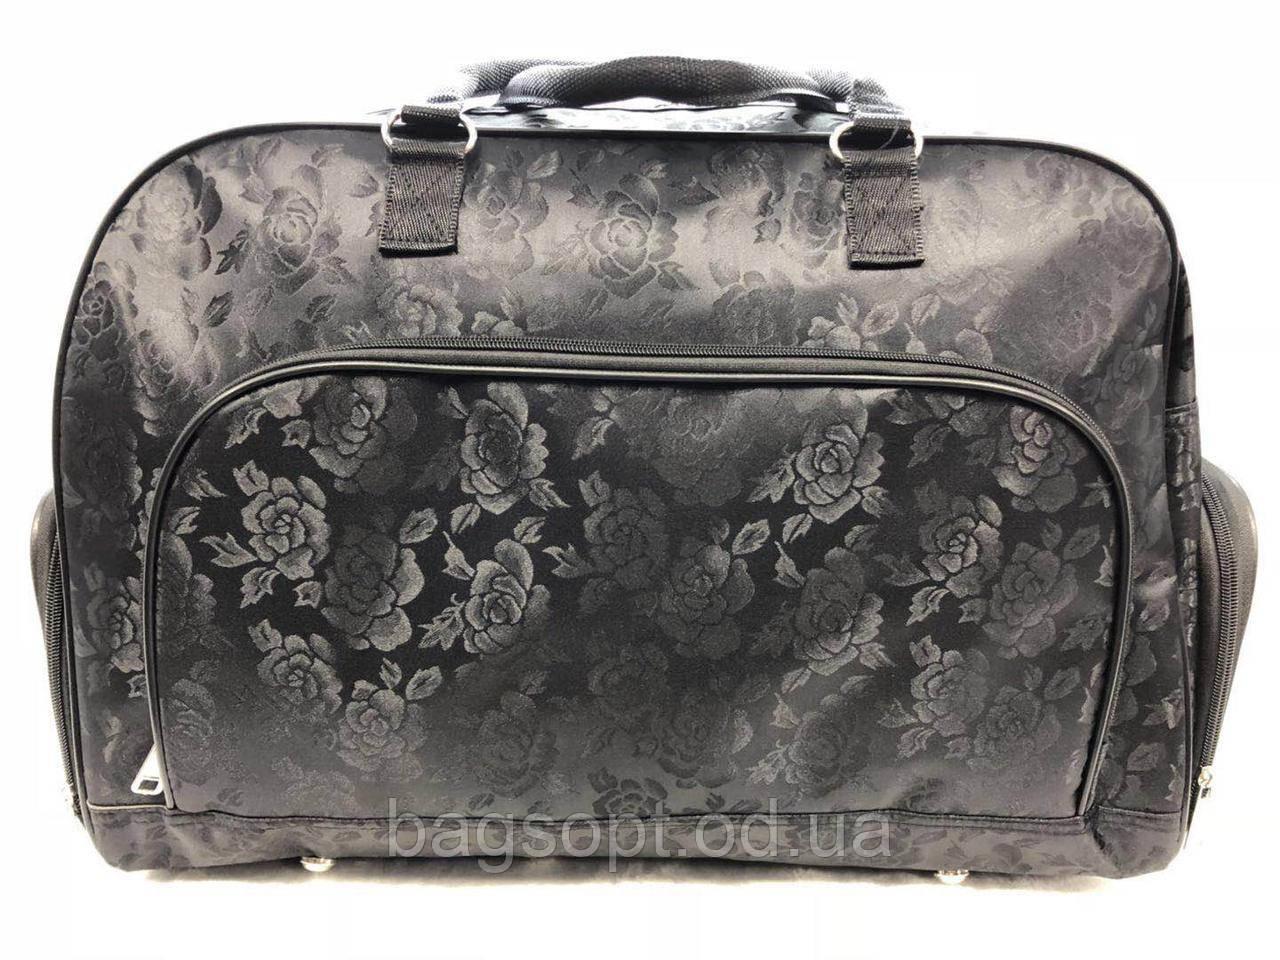 Черная дорожная женская большая сумка-саквояж текстильная